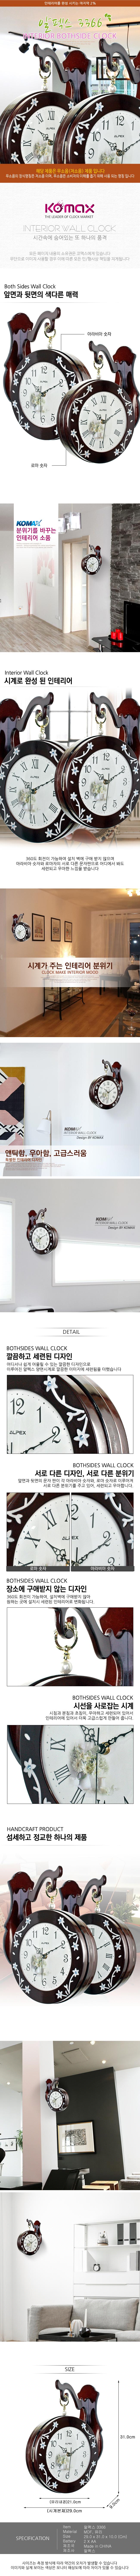 알펙스 3366 무소음 양면벽시계 - 코맥스, 64,400원, 양면시계, 앤틱